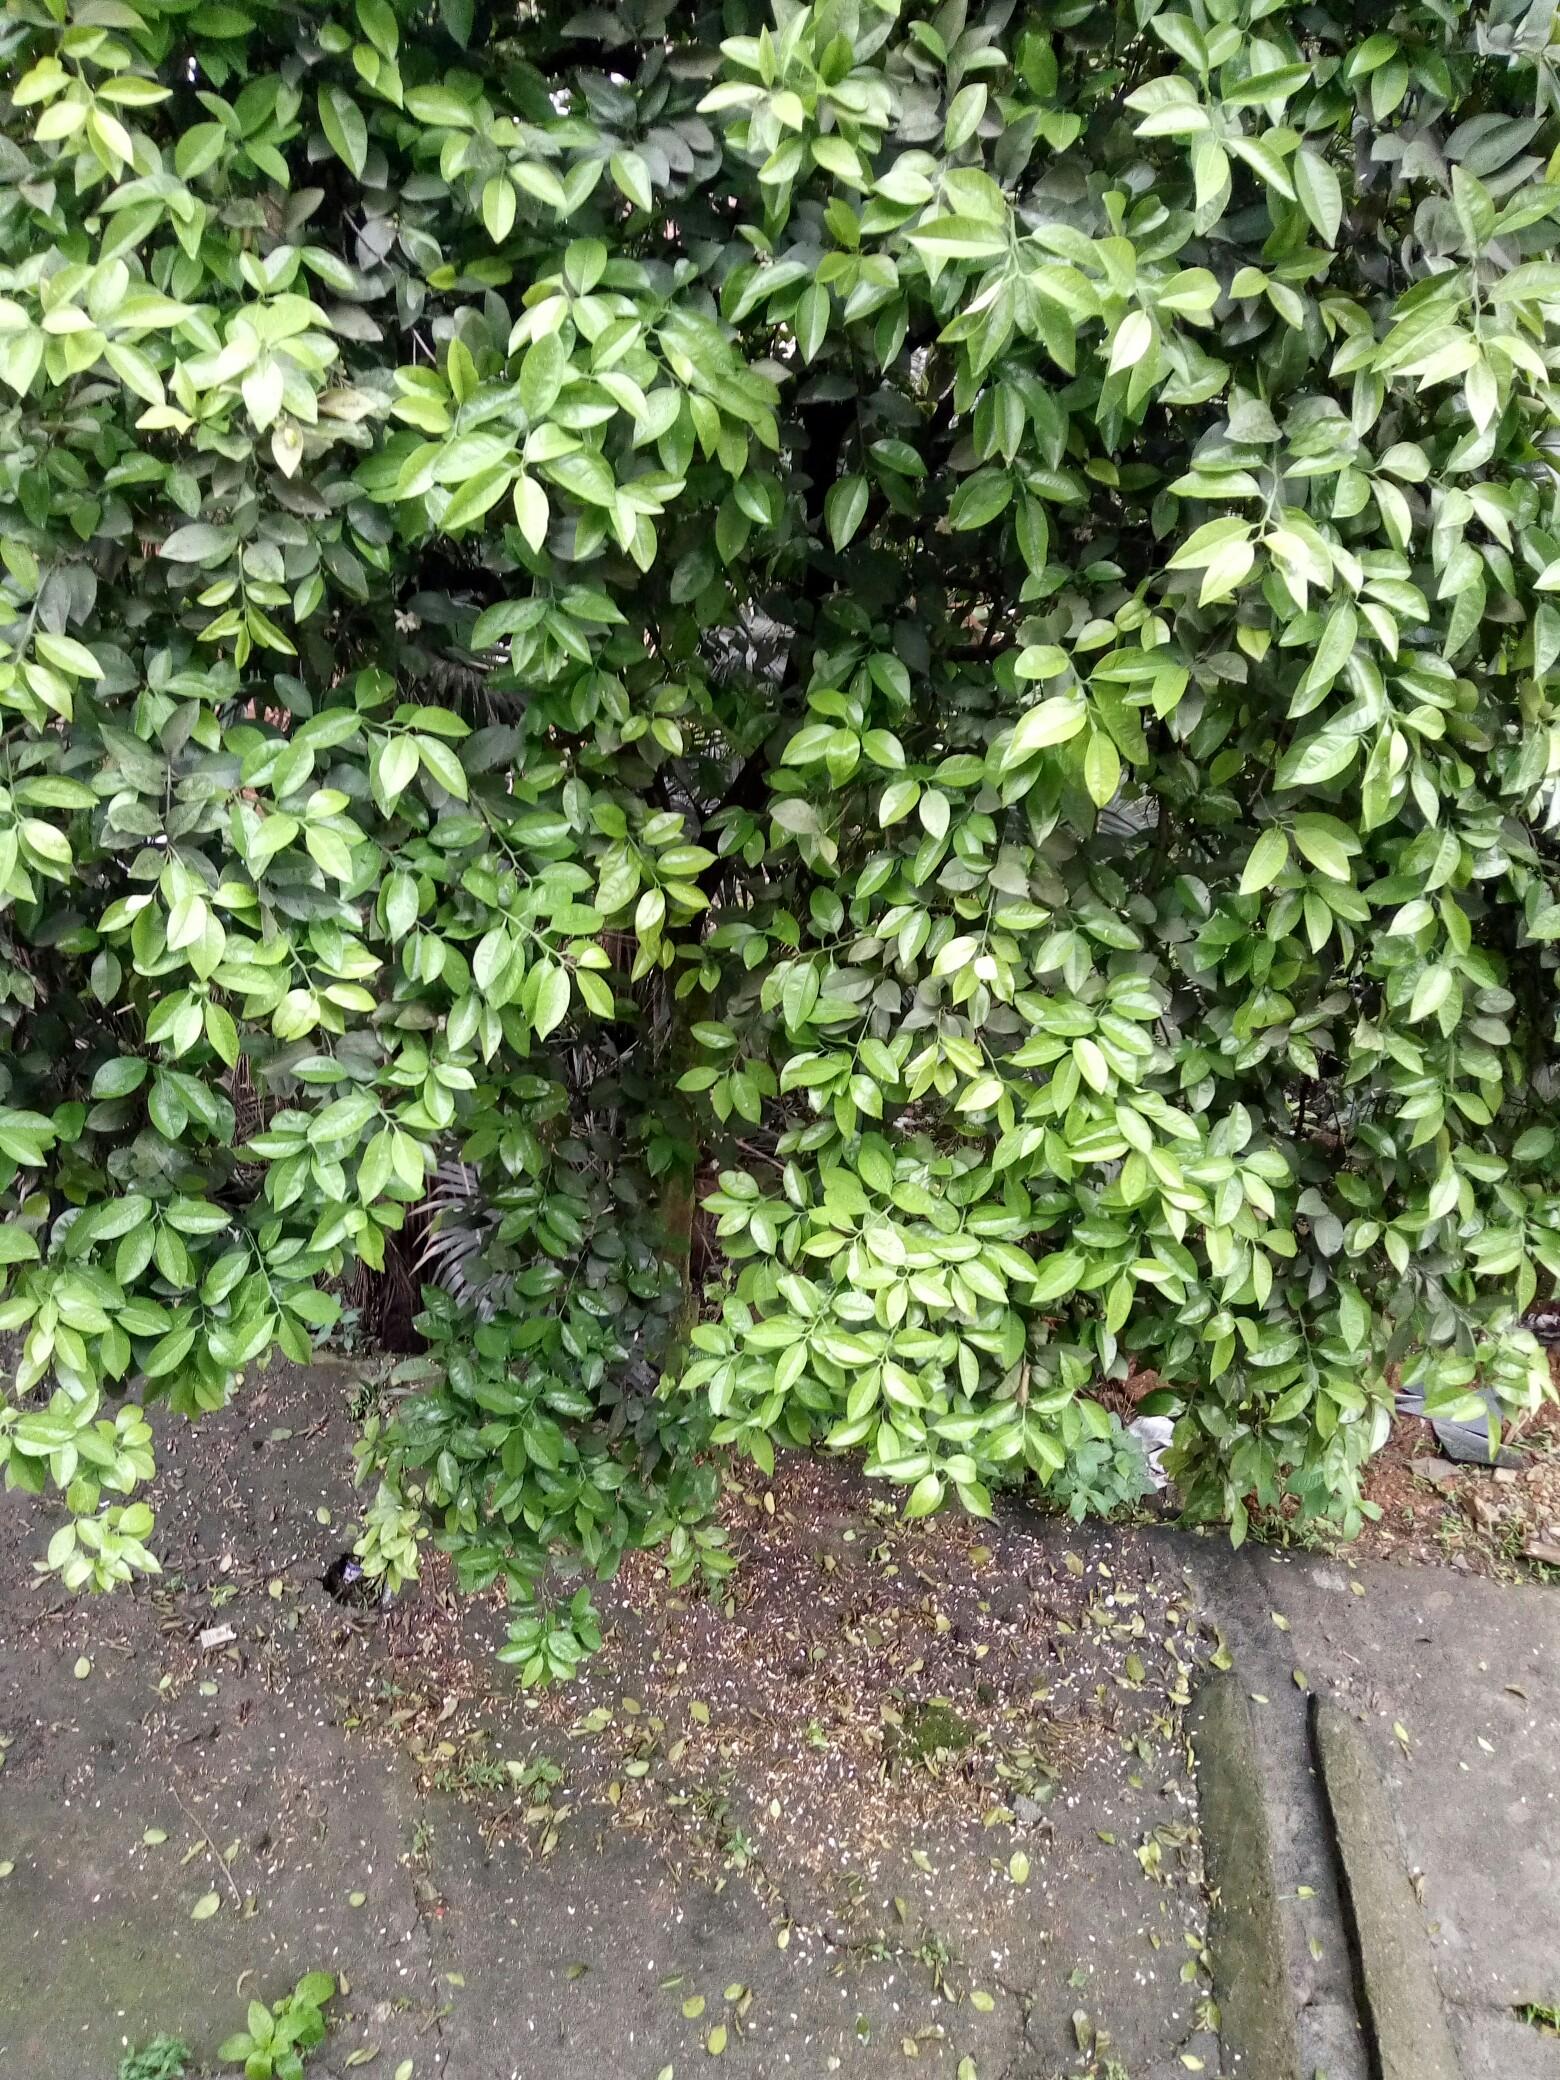 桔子树的花都掉了._帖子_oppo手机官方社区